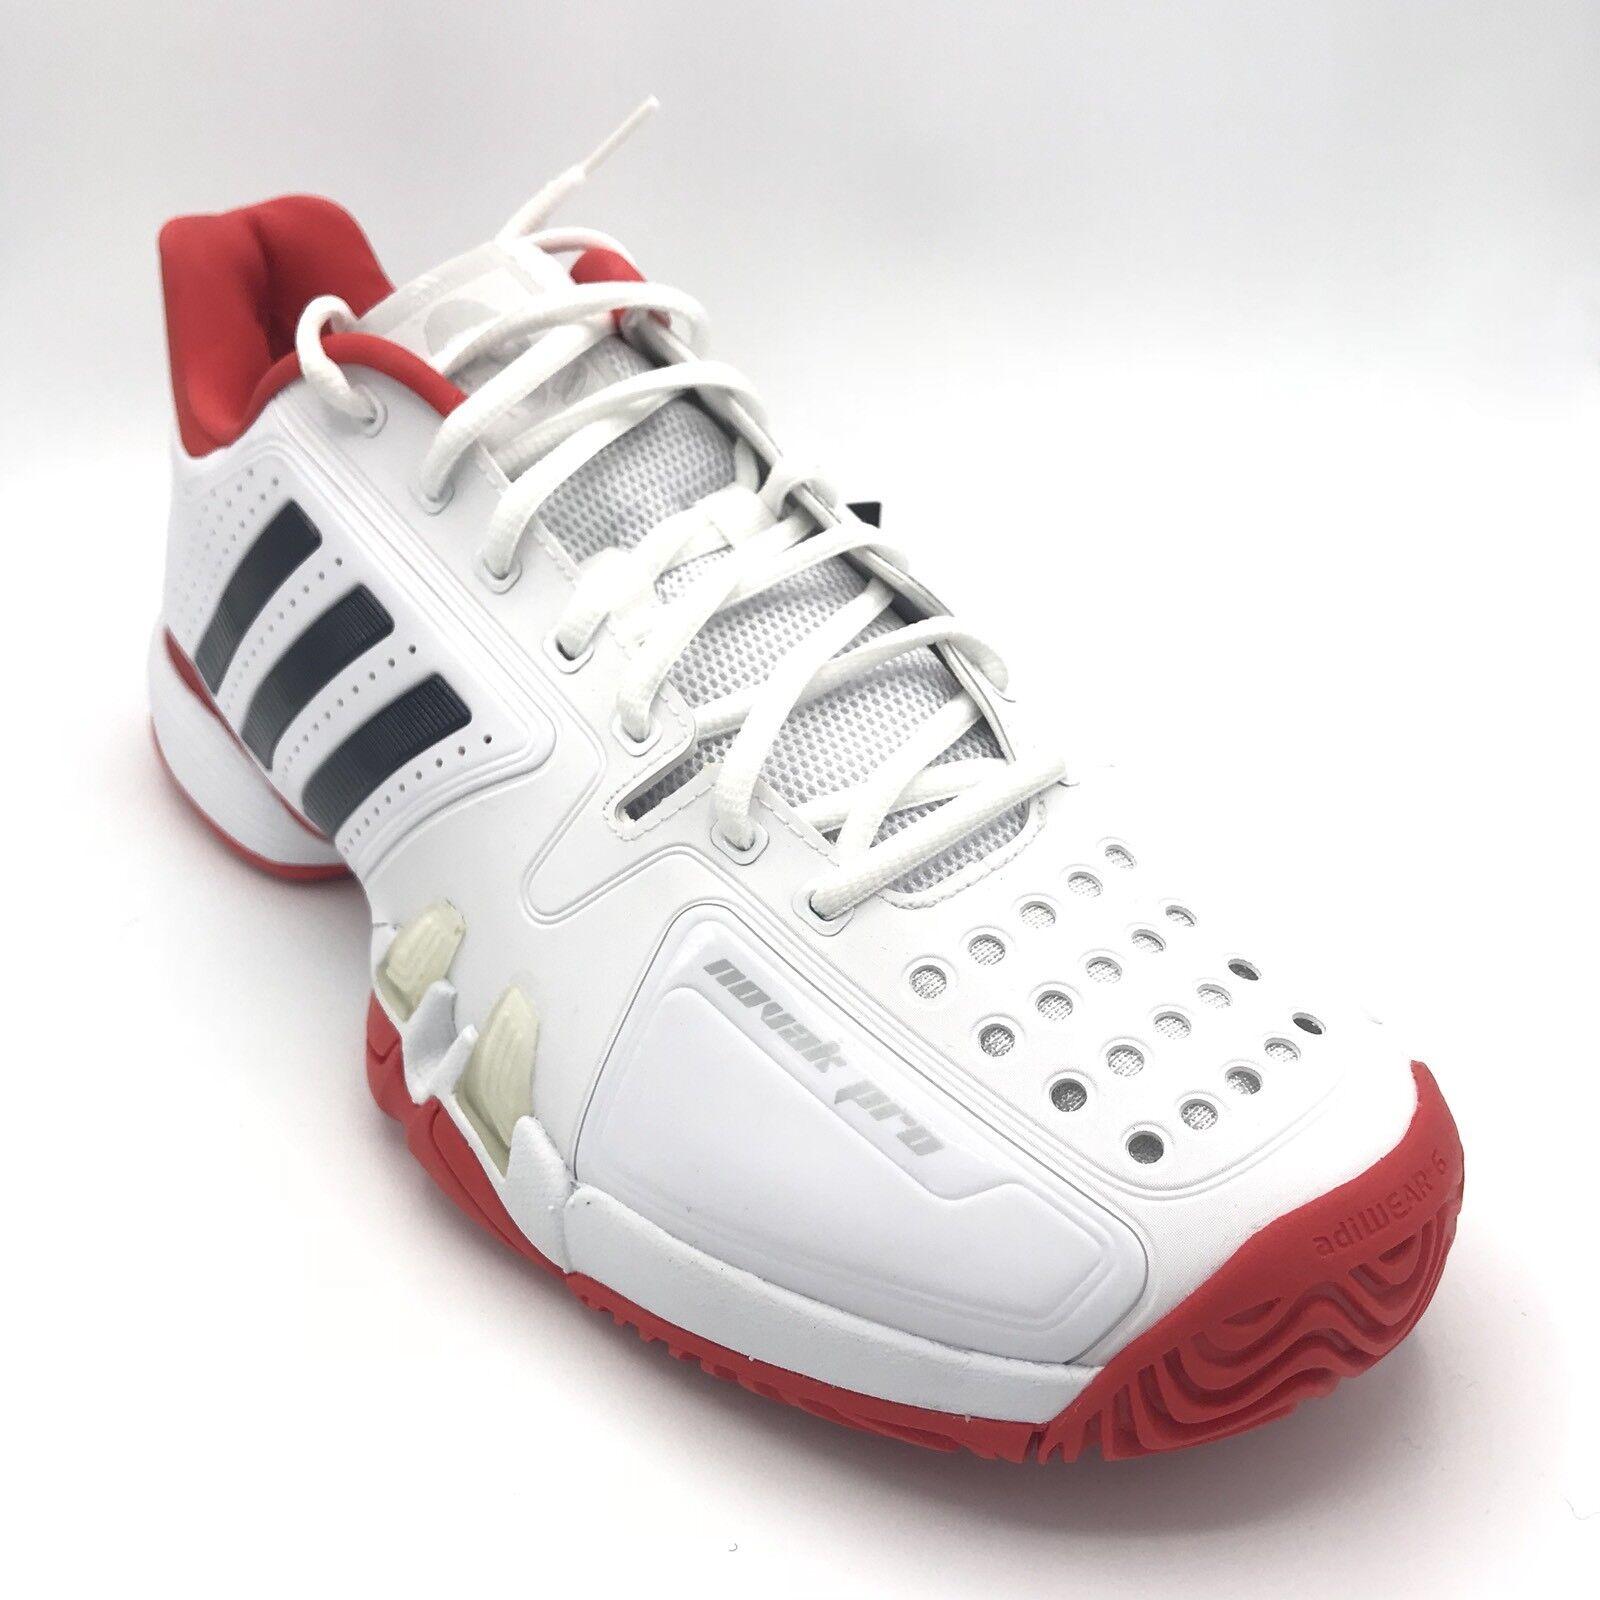 Adidas novak pro männer tennisschuhe turnschuhe neuen weiß - rot cg3081